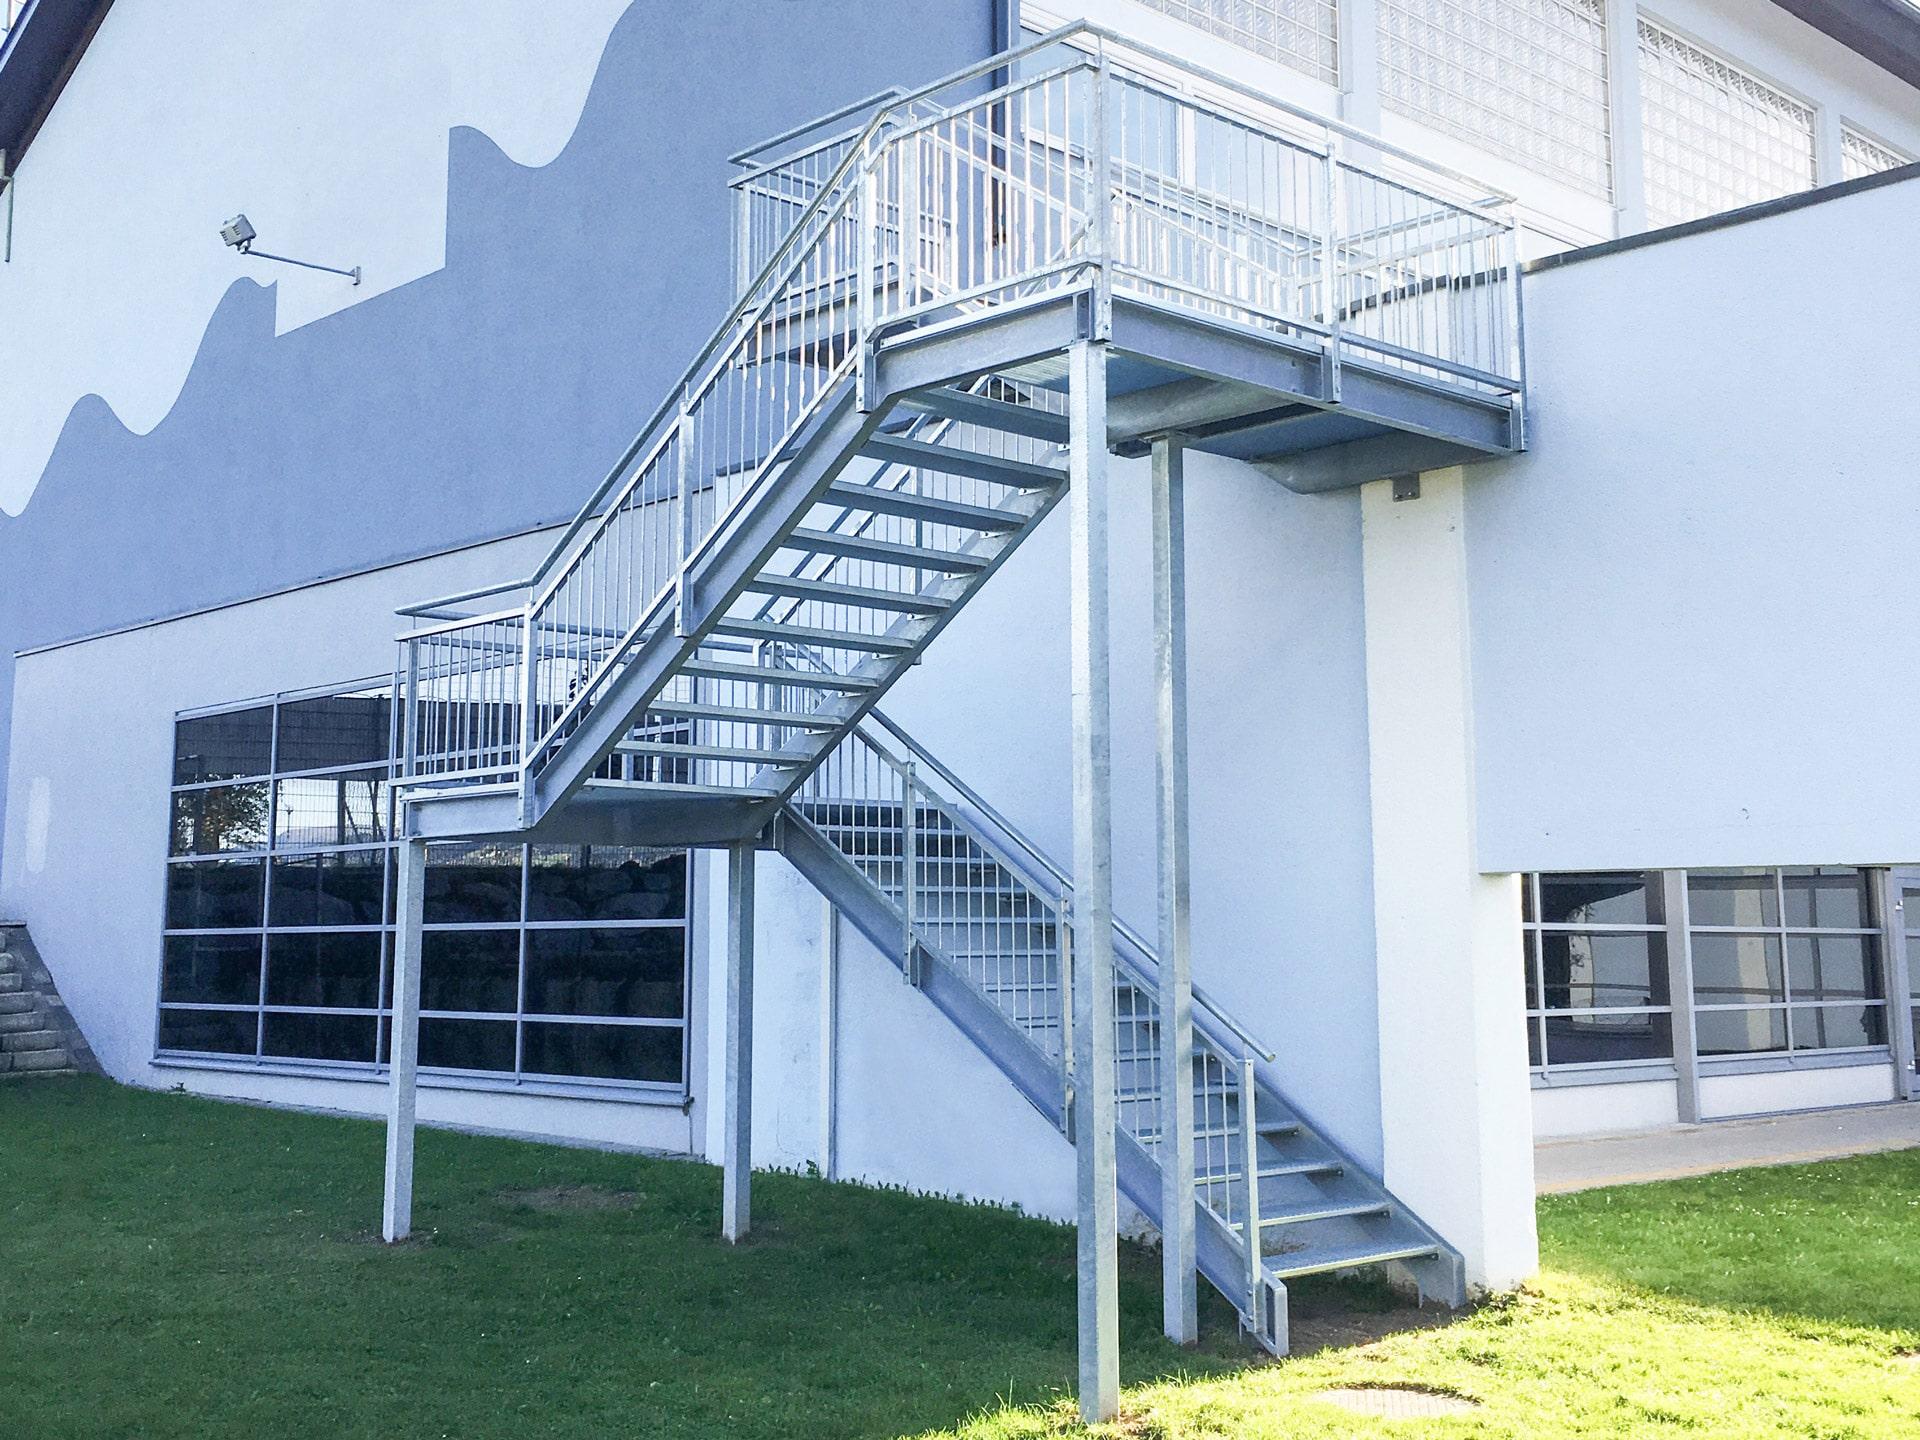 S 28 a | Stahl verzinkter Stiegenanbau über 2 Etagen mit Zwischenpodest mit Stabgeländer | Svoboda